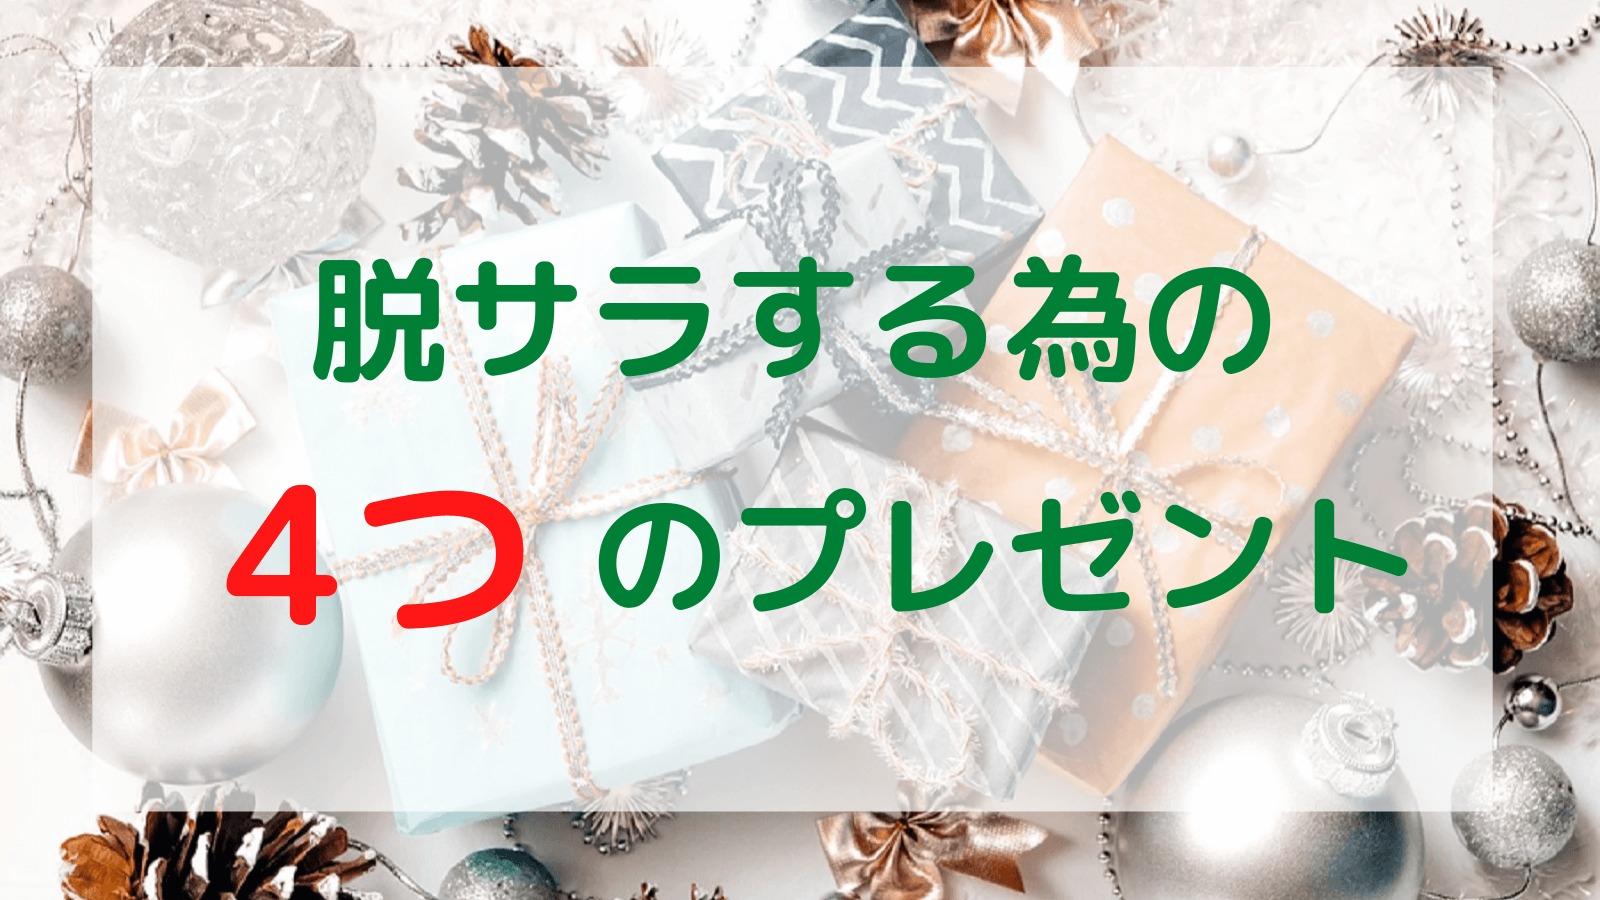 4つのプレゼント